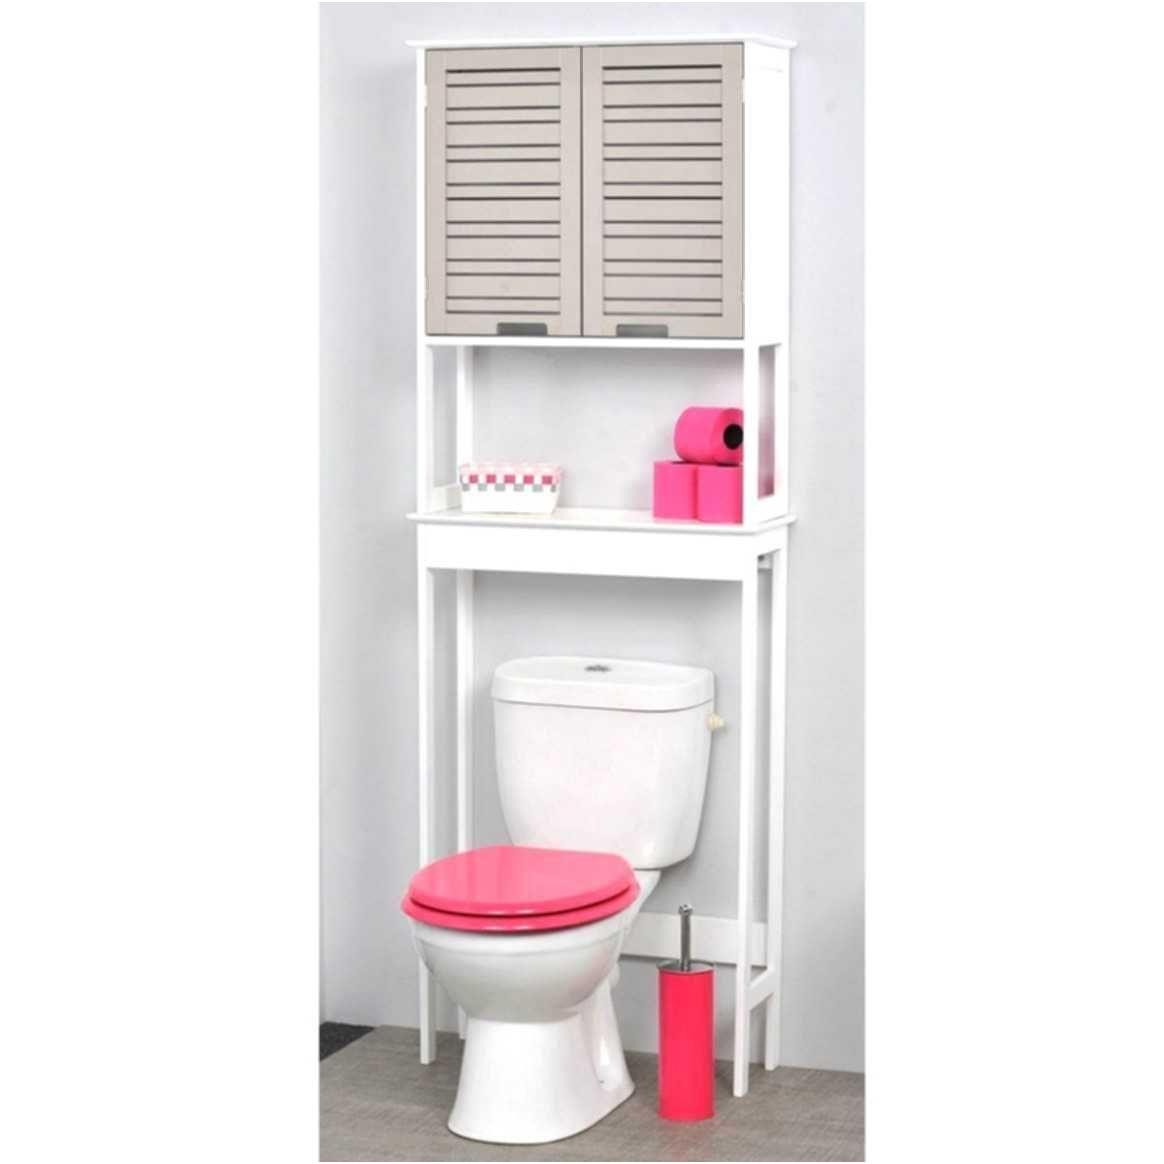 12 Loisirs Tour De Rangement Enfant Avec Images Rangement Toilette Meuble Wc Suspendu Rangement Enfant